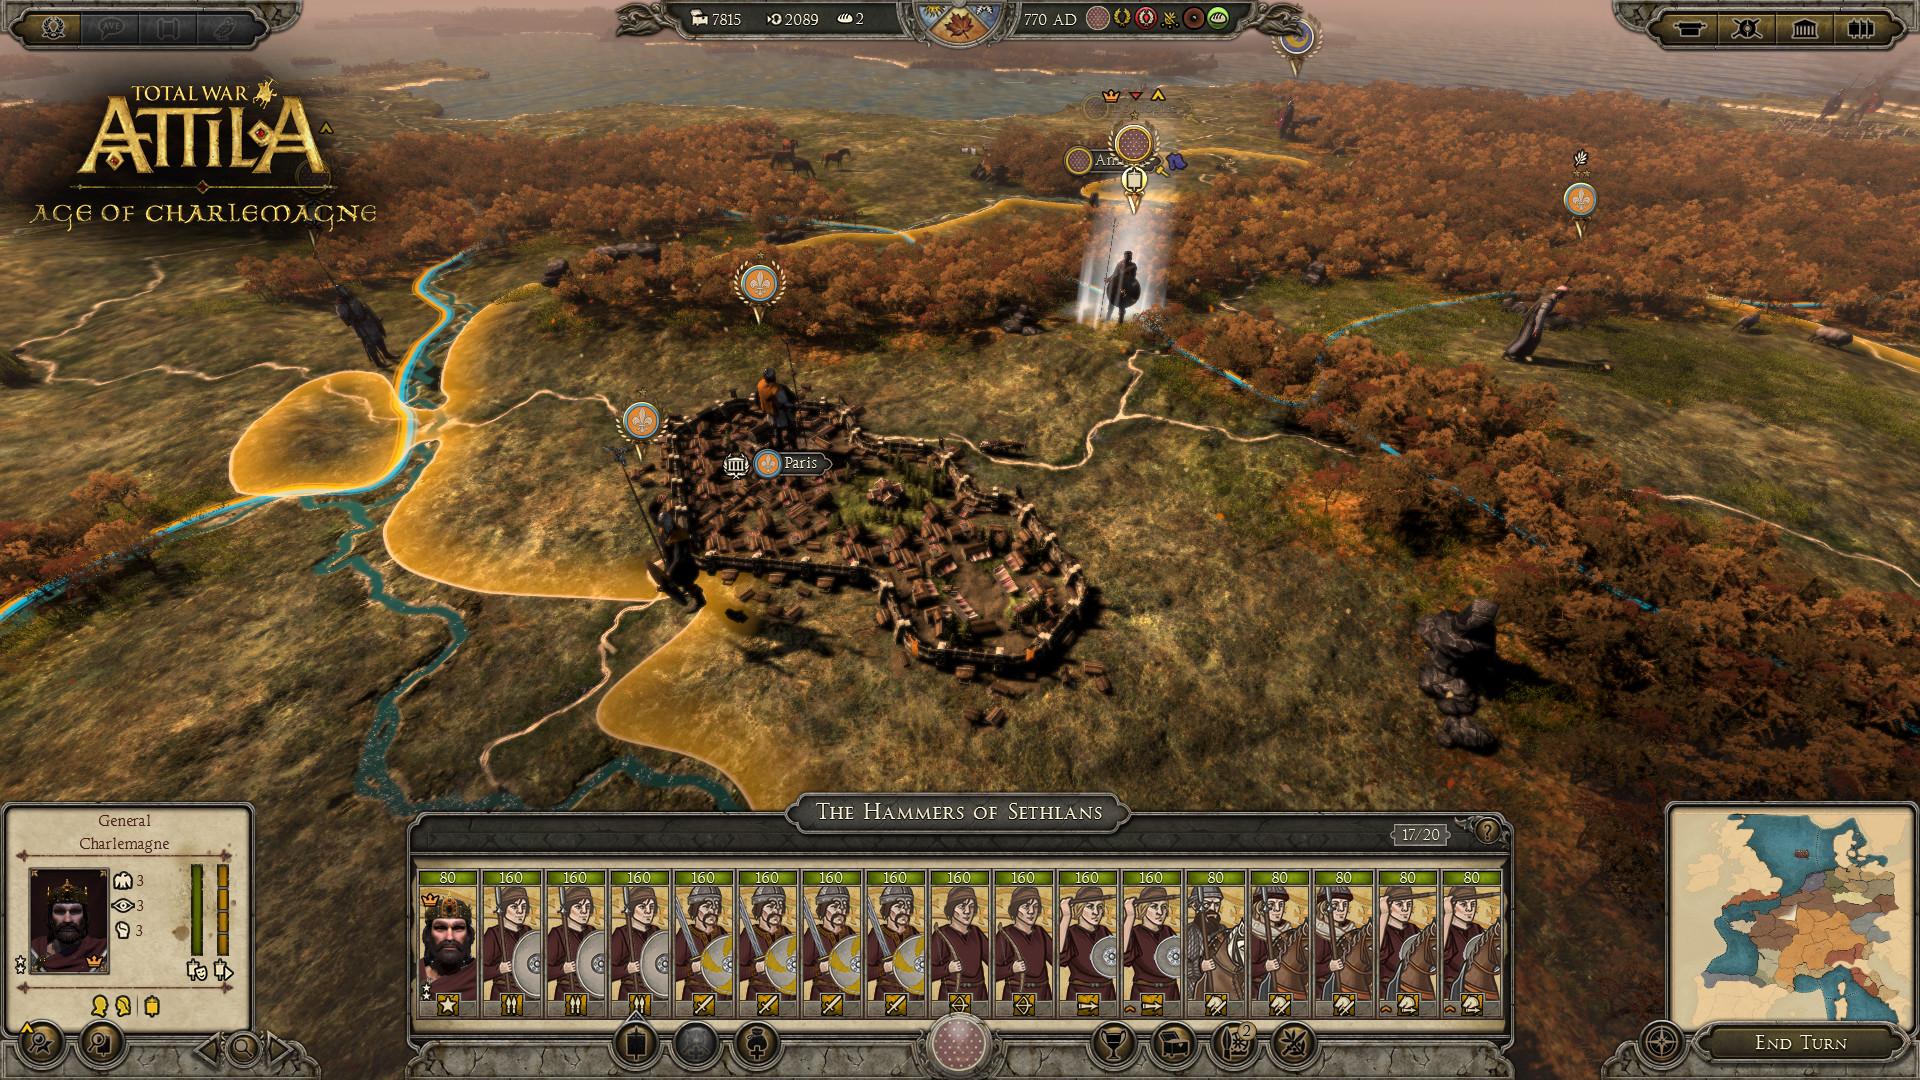 10 декабря в стратегии Total War: Attila начнется  «Эпоха Карла Великого»